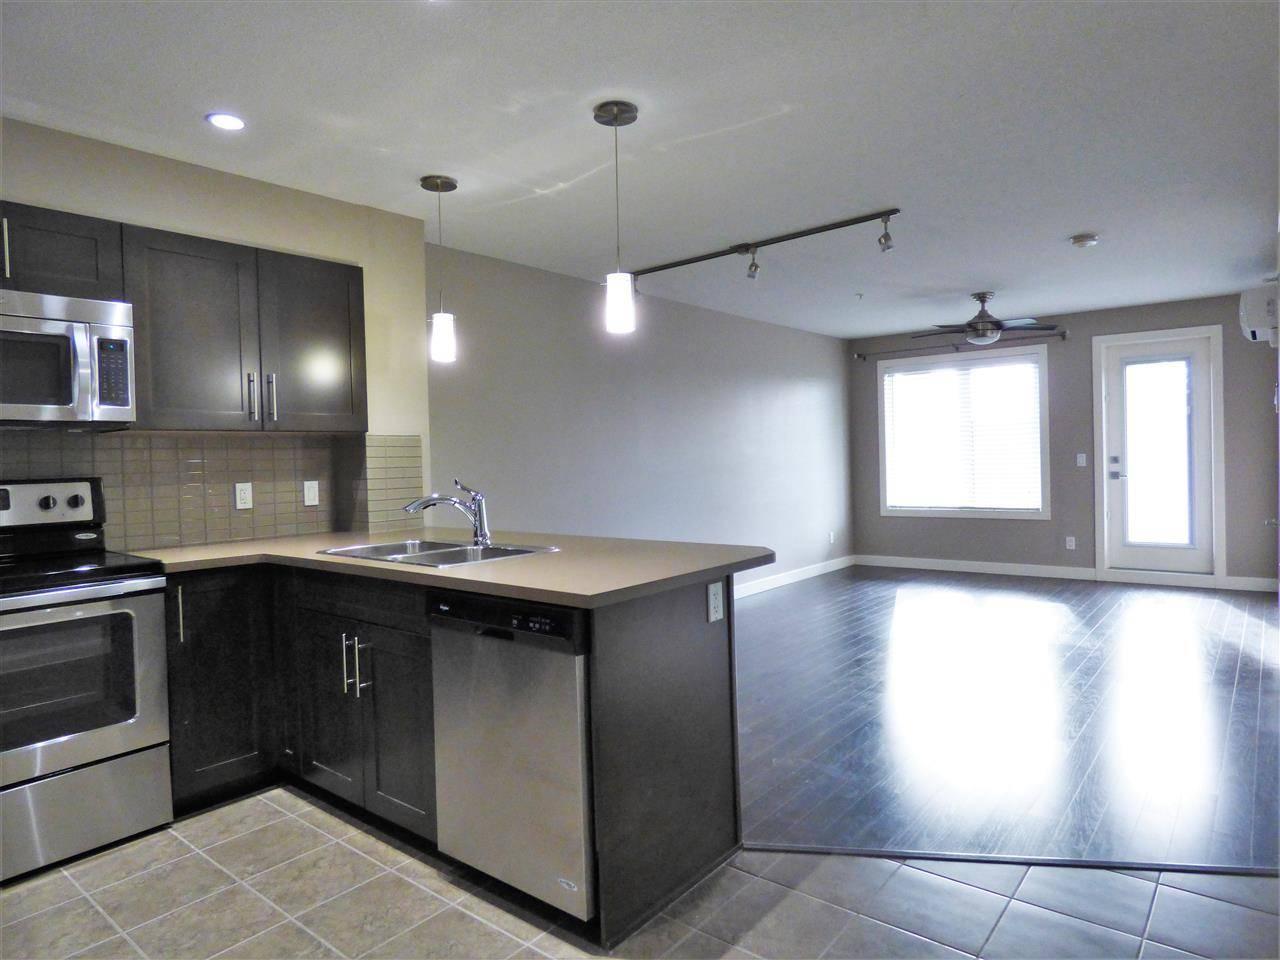 112 - 1031 173 Street Sw, Edmonton | Image 2